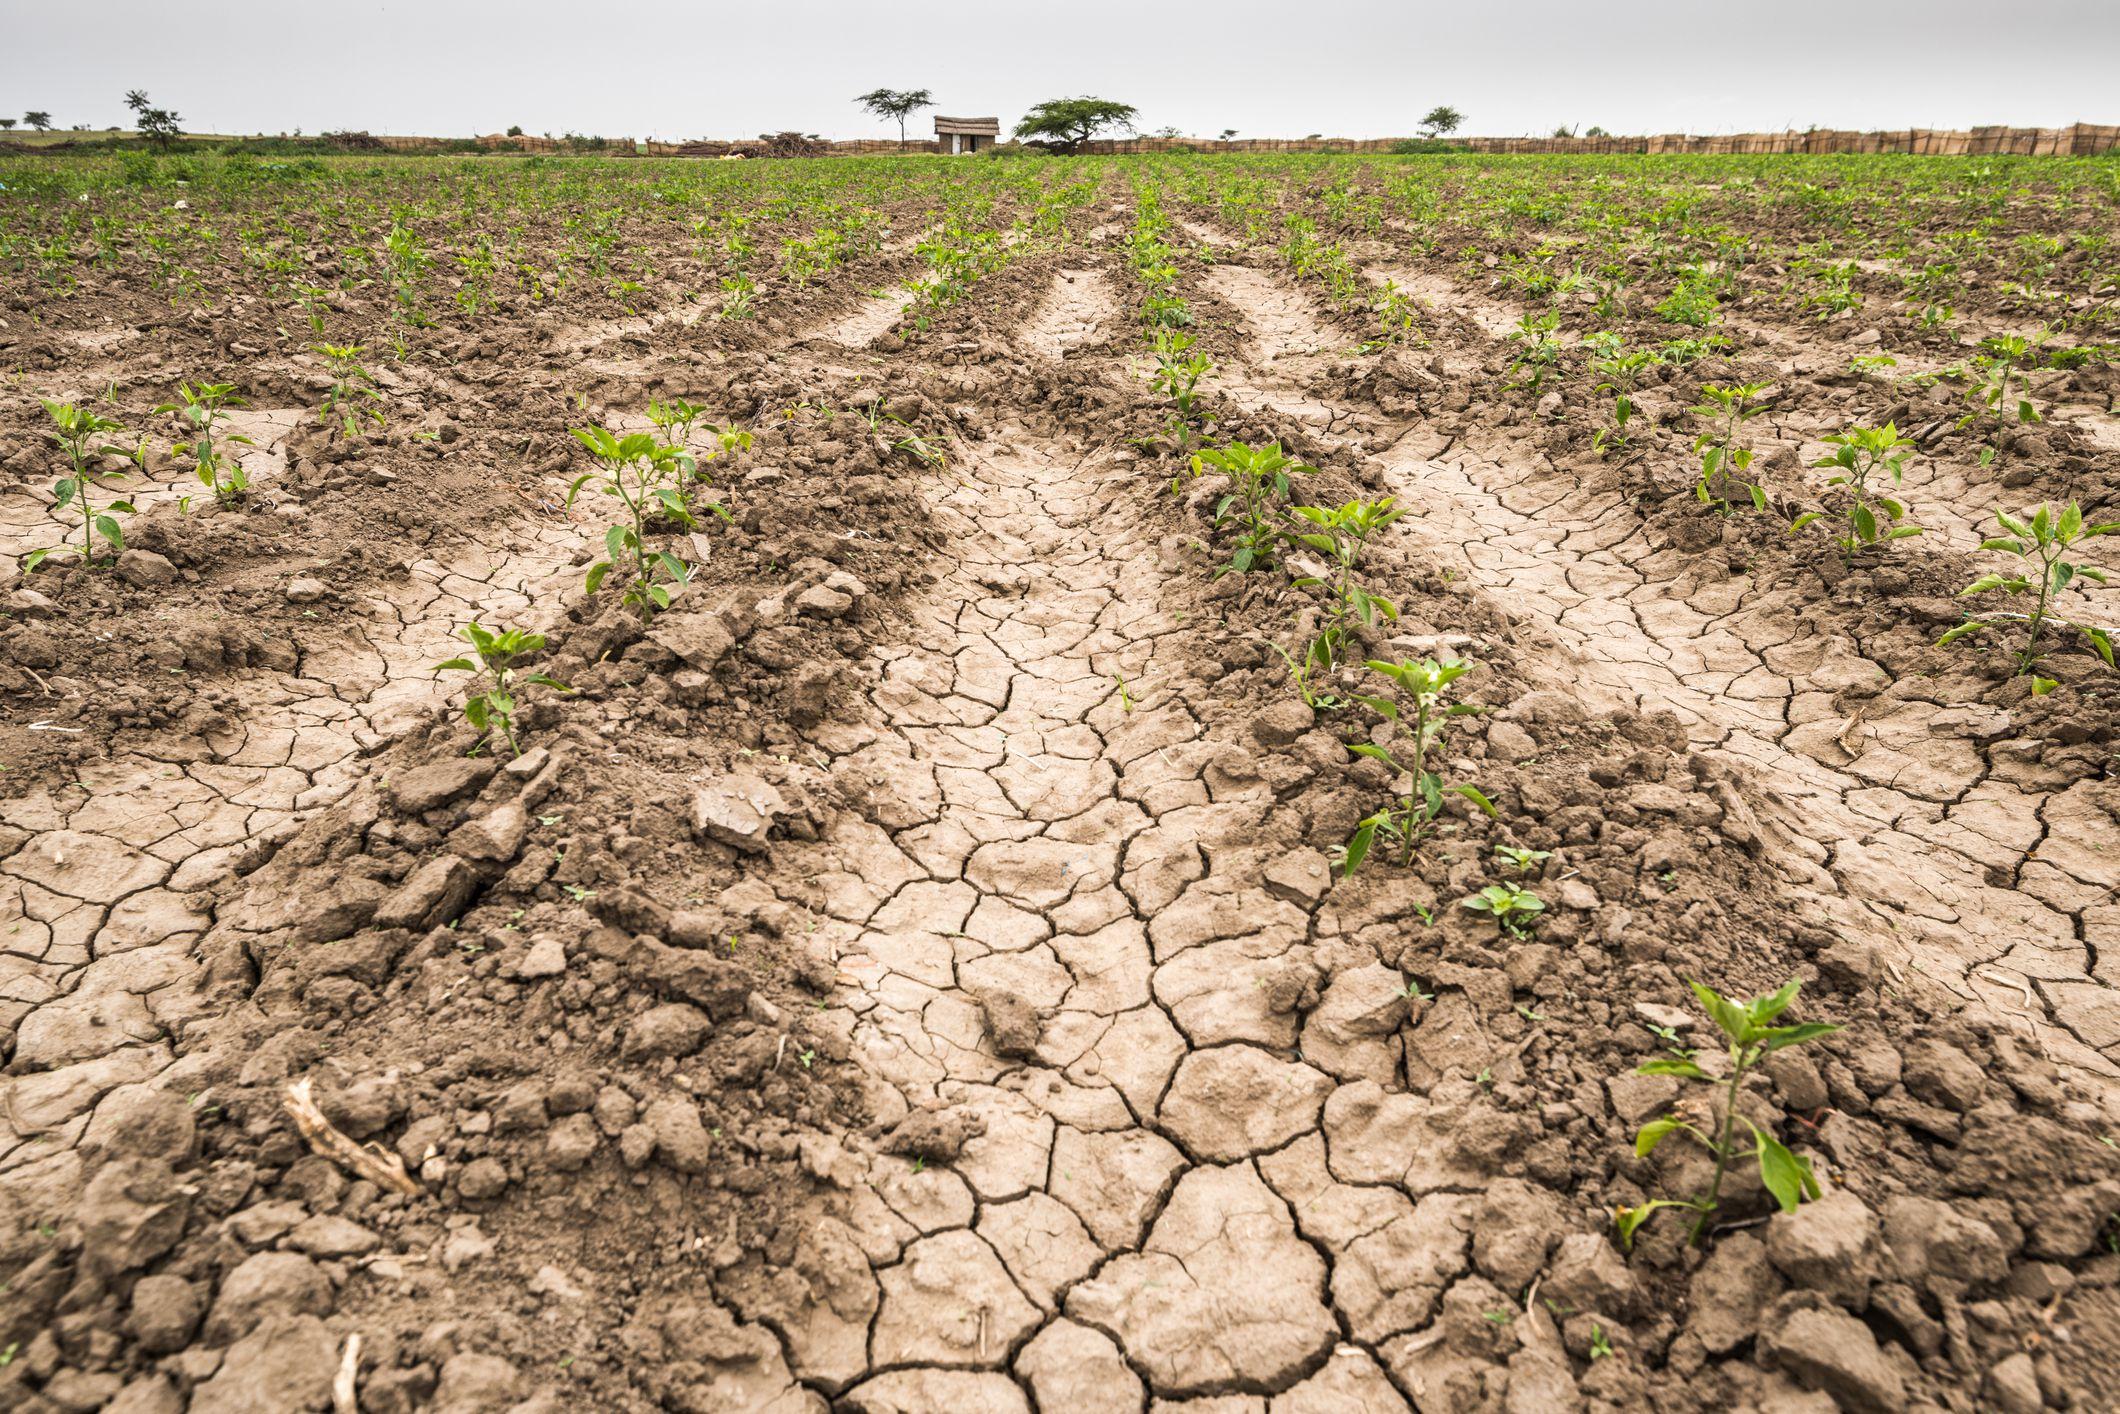 Arid Crop